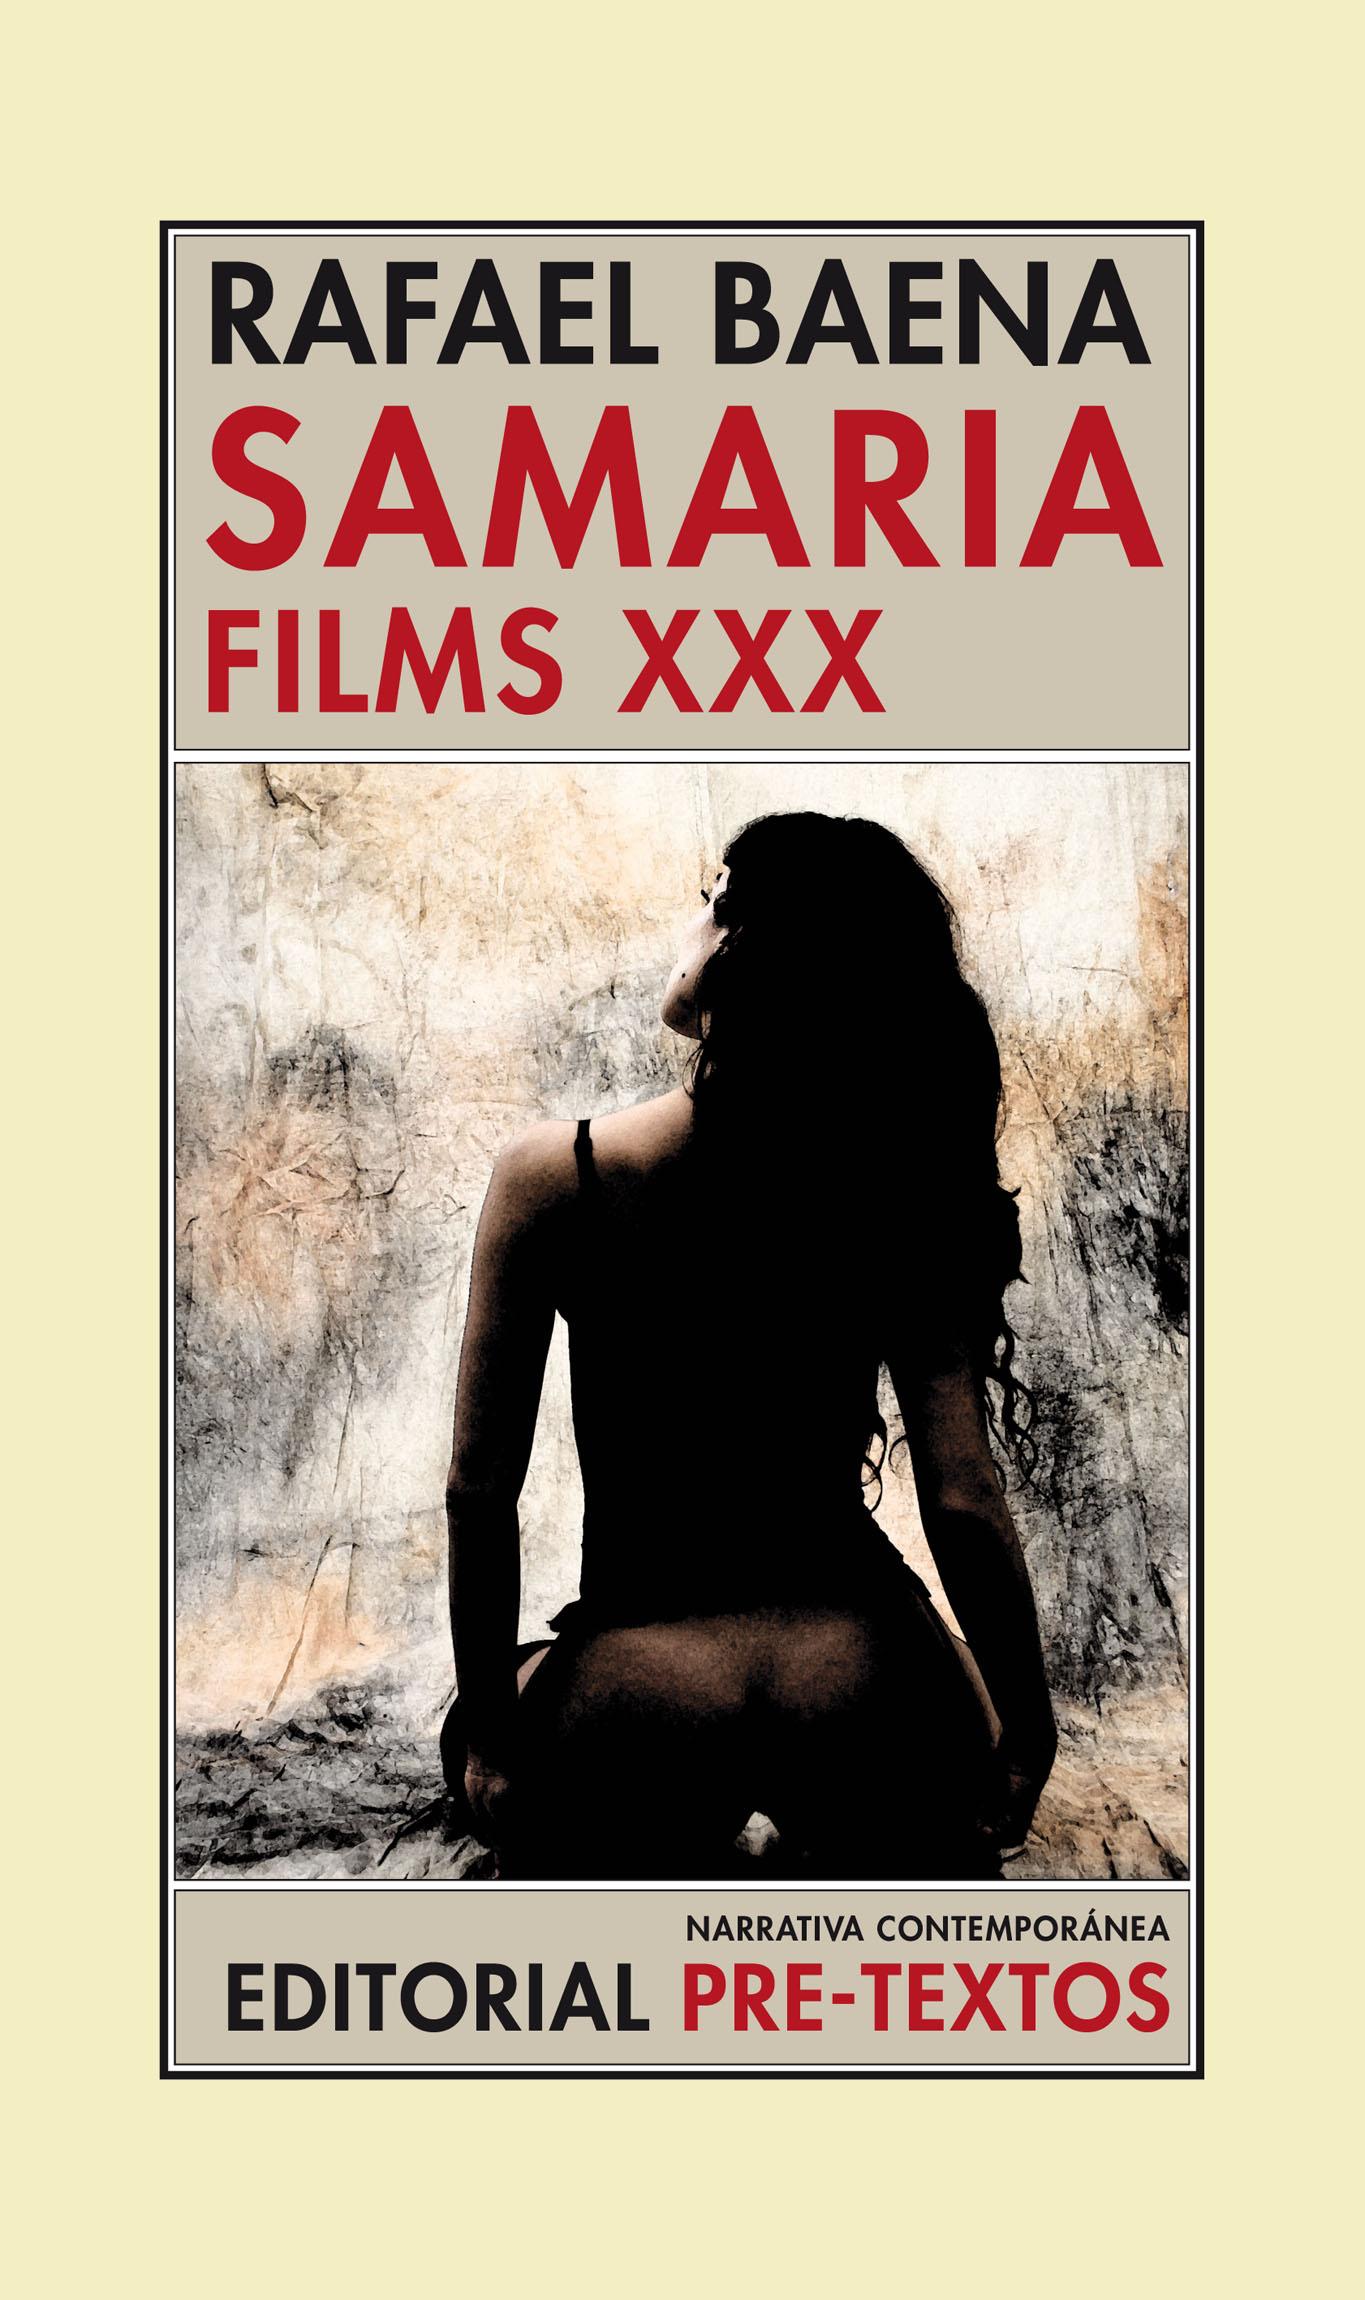 SAMARIA FILMS XXX